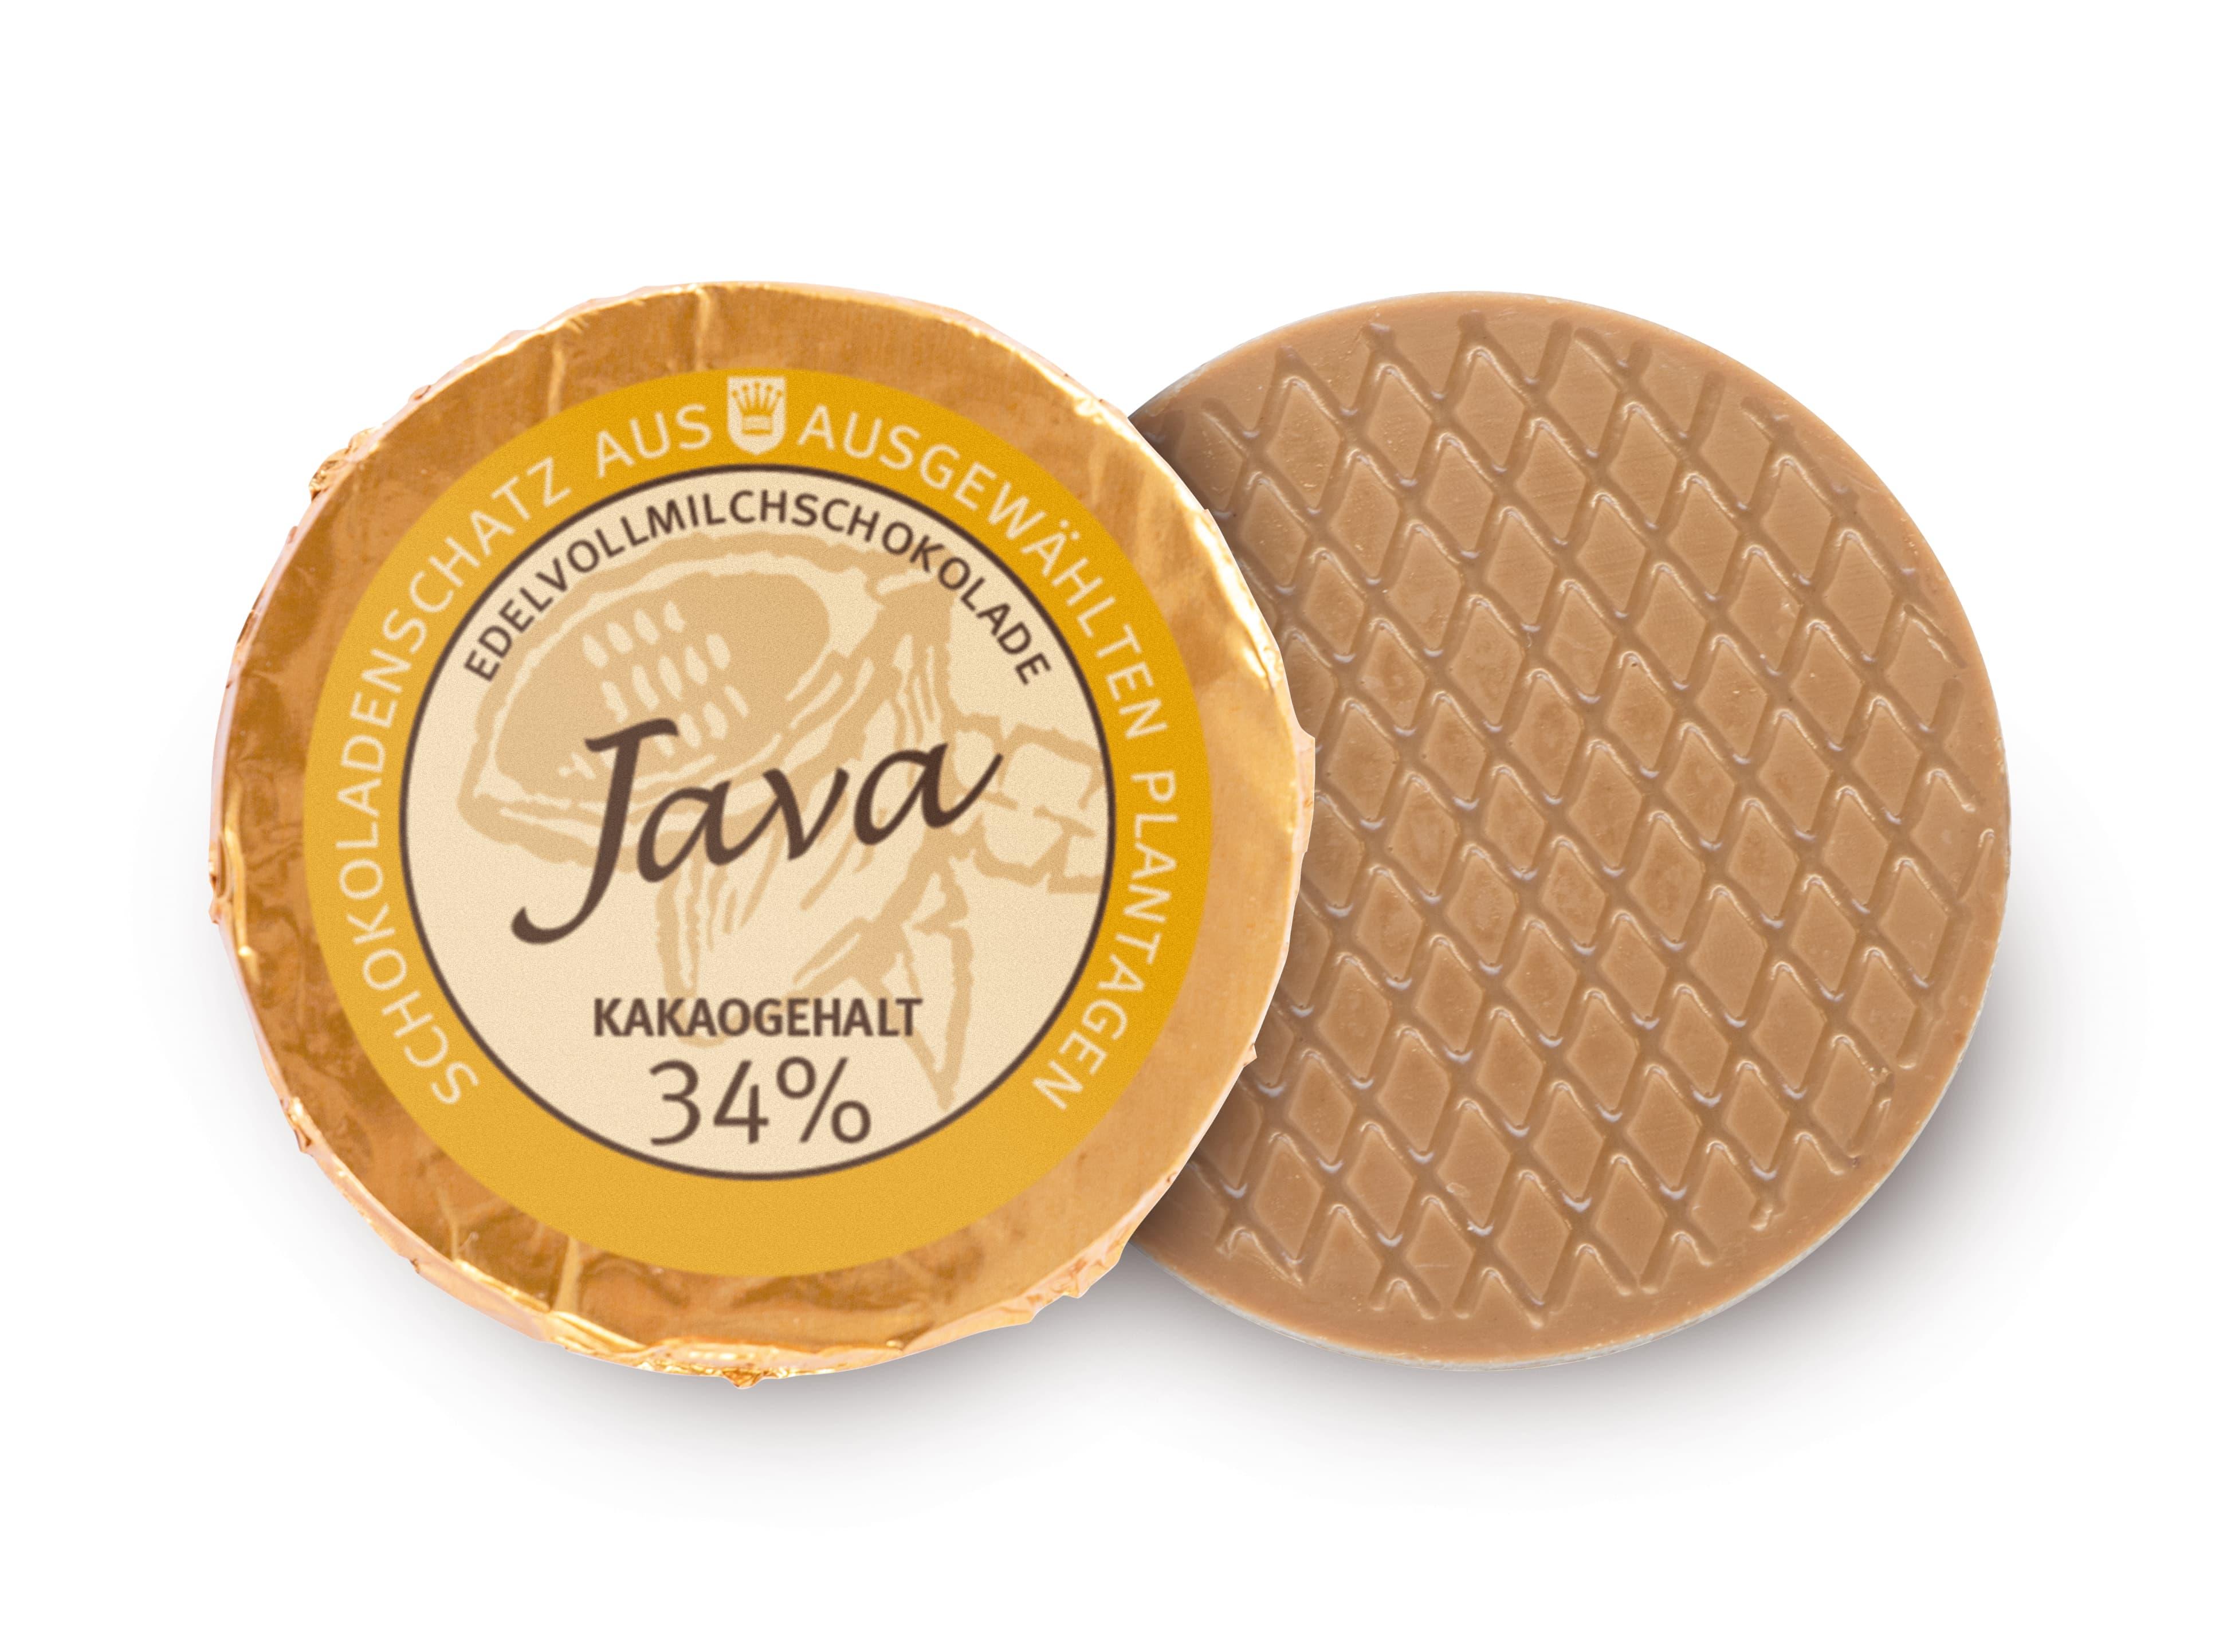 Golddublone aus Java-Schokolade mit 34 % Kakaogehalt